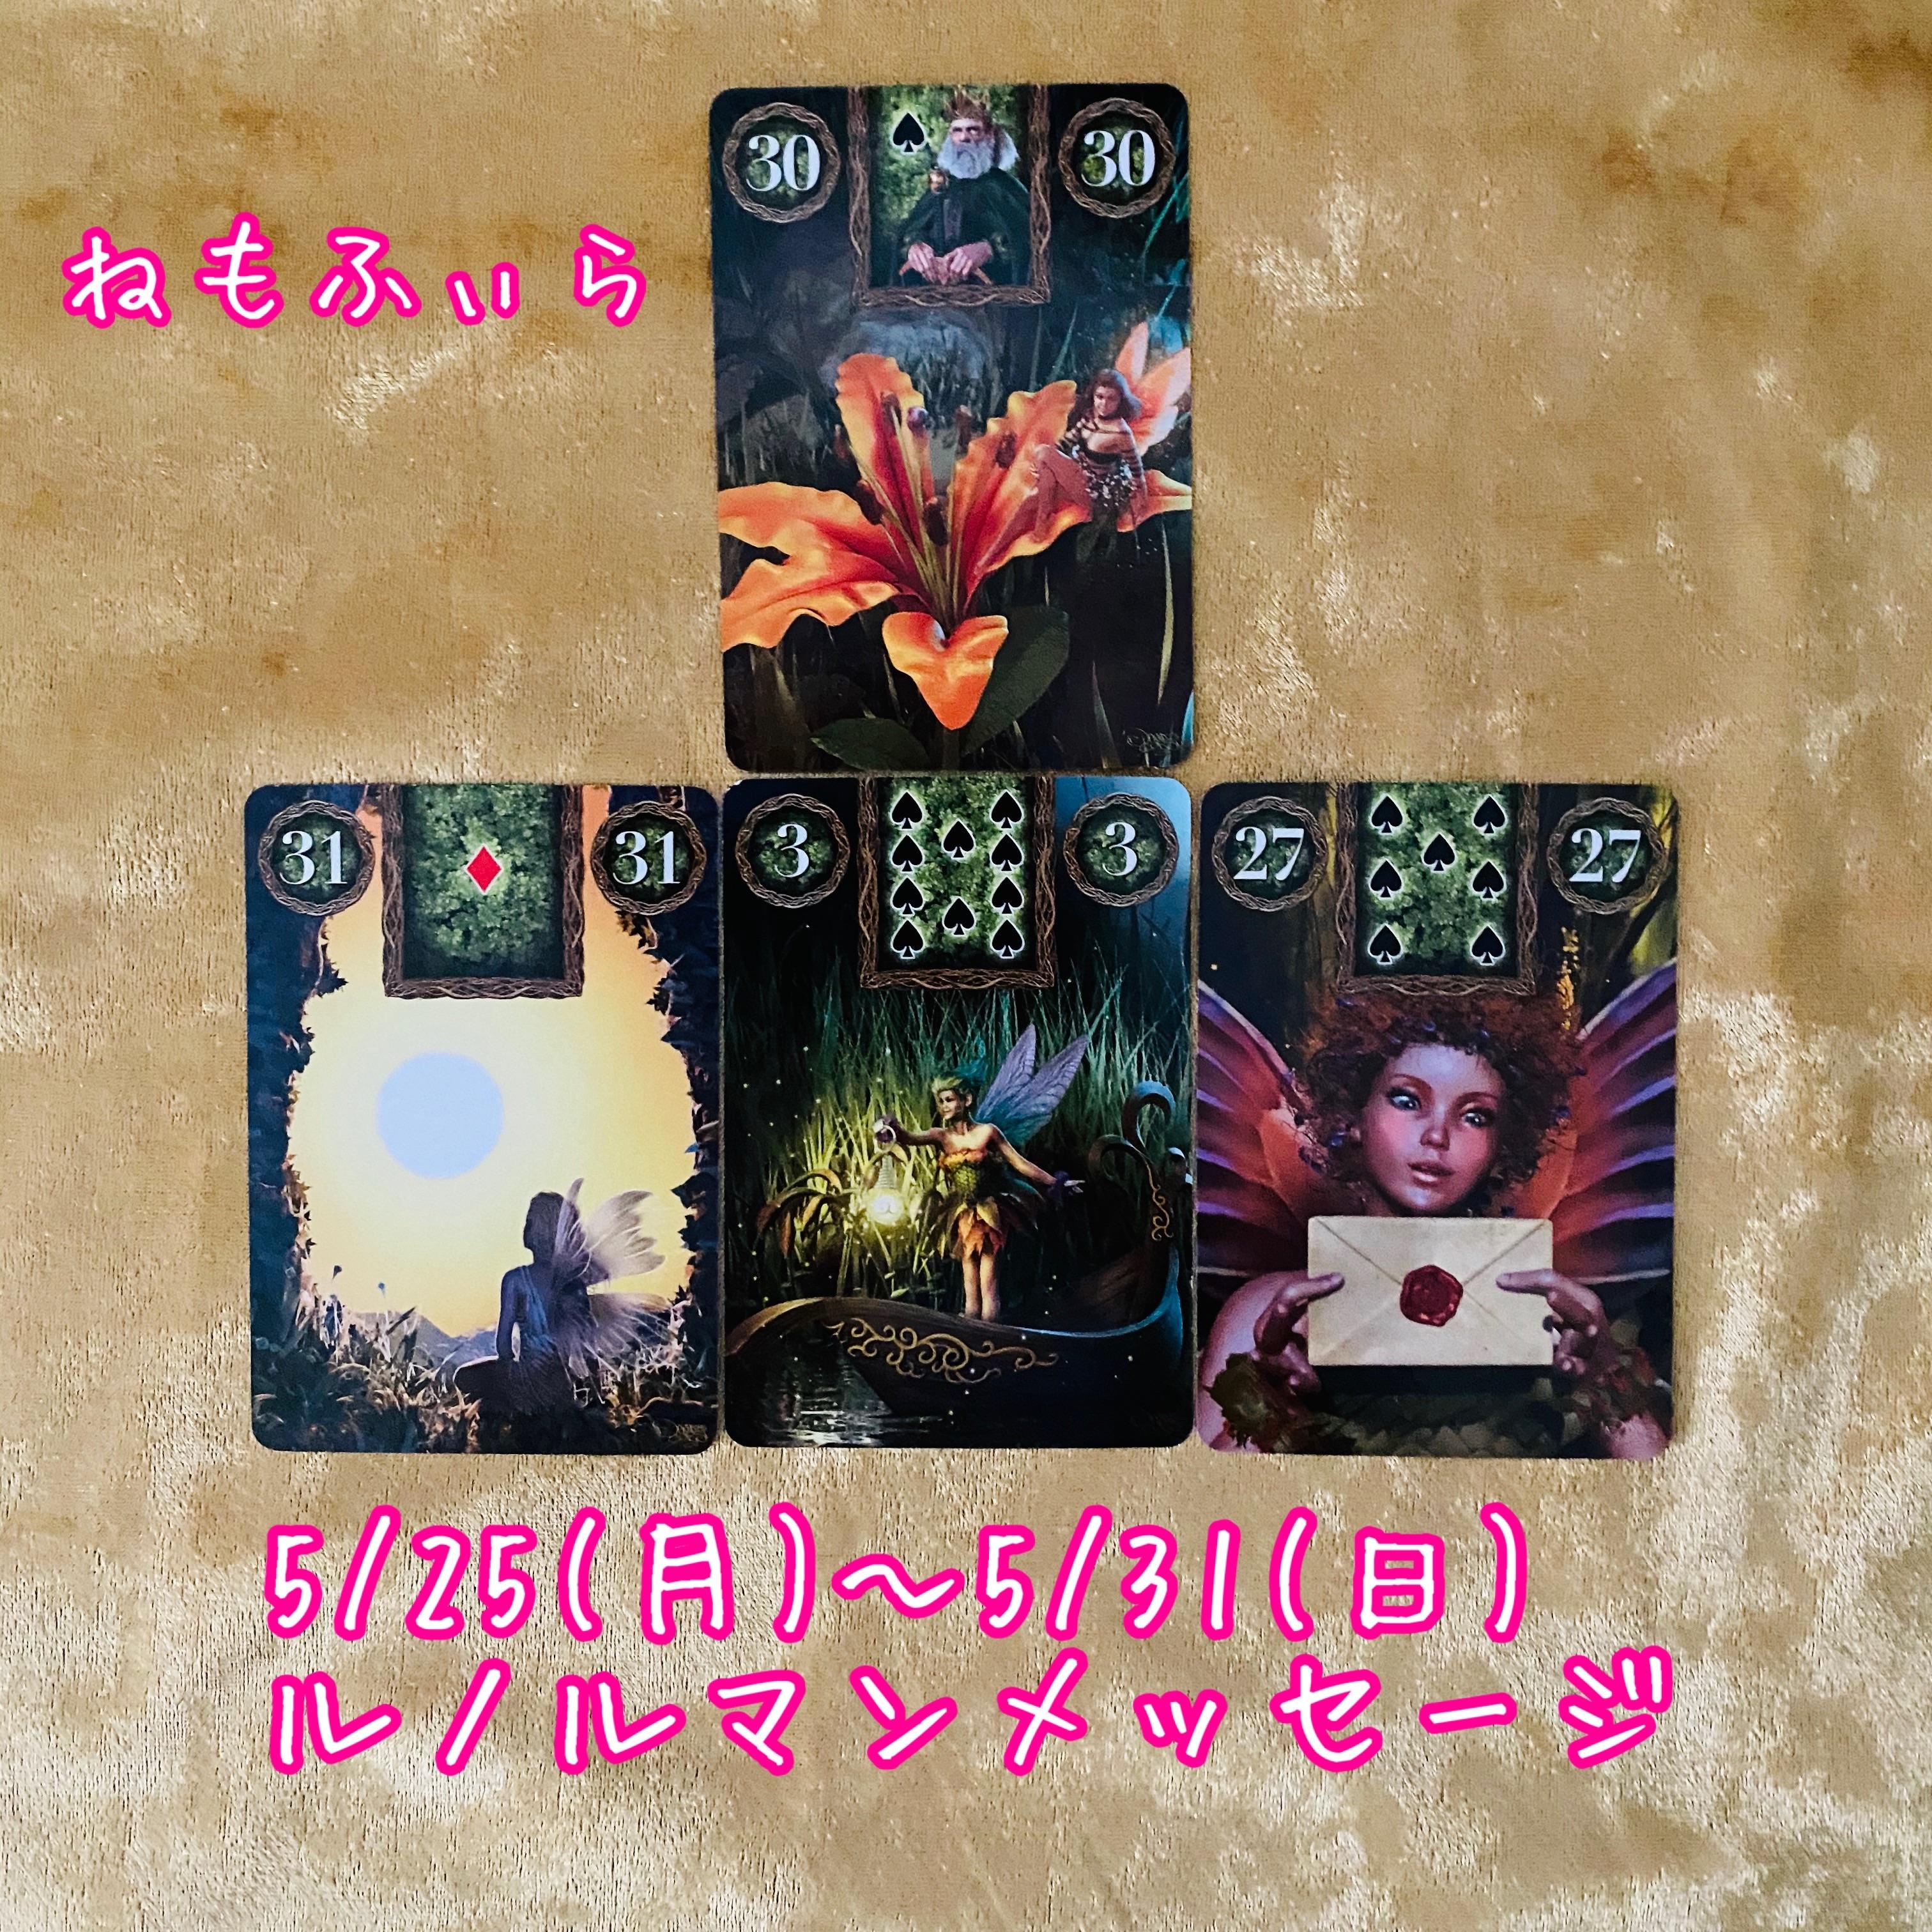 f:id:hana_su-hi:20200524125324j:image